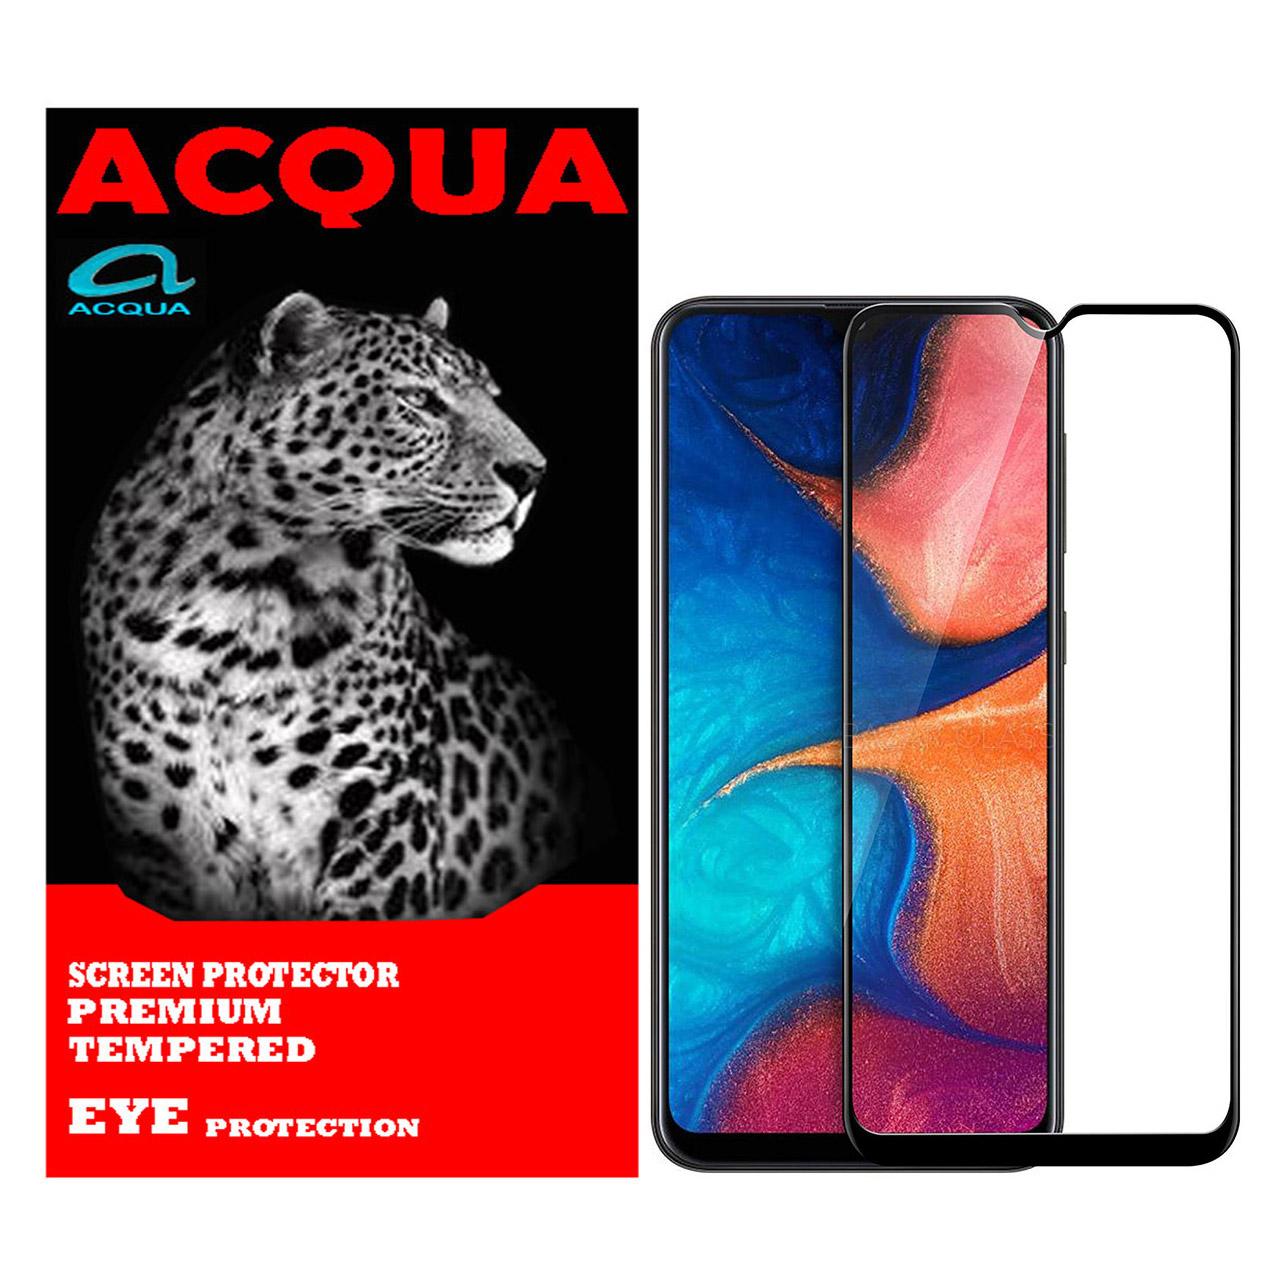 محافظ صفحه نمایش آکوا مدل SA مناسب برای گوشی موبایل سامسونگ Galaxy A50